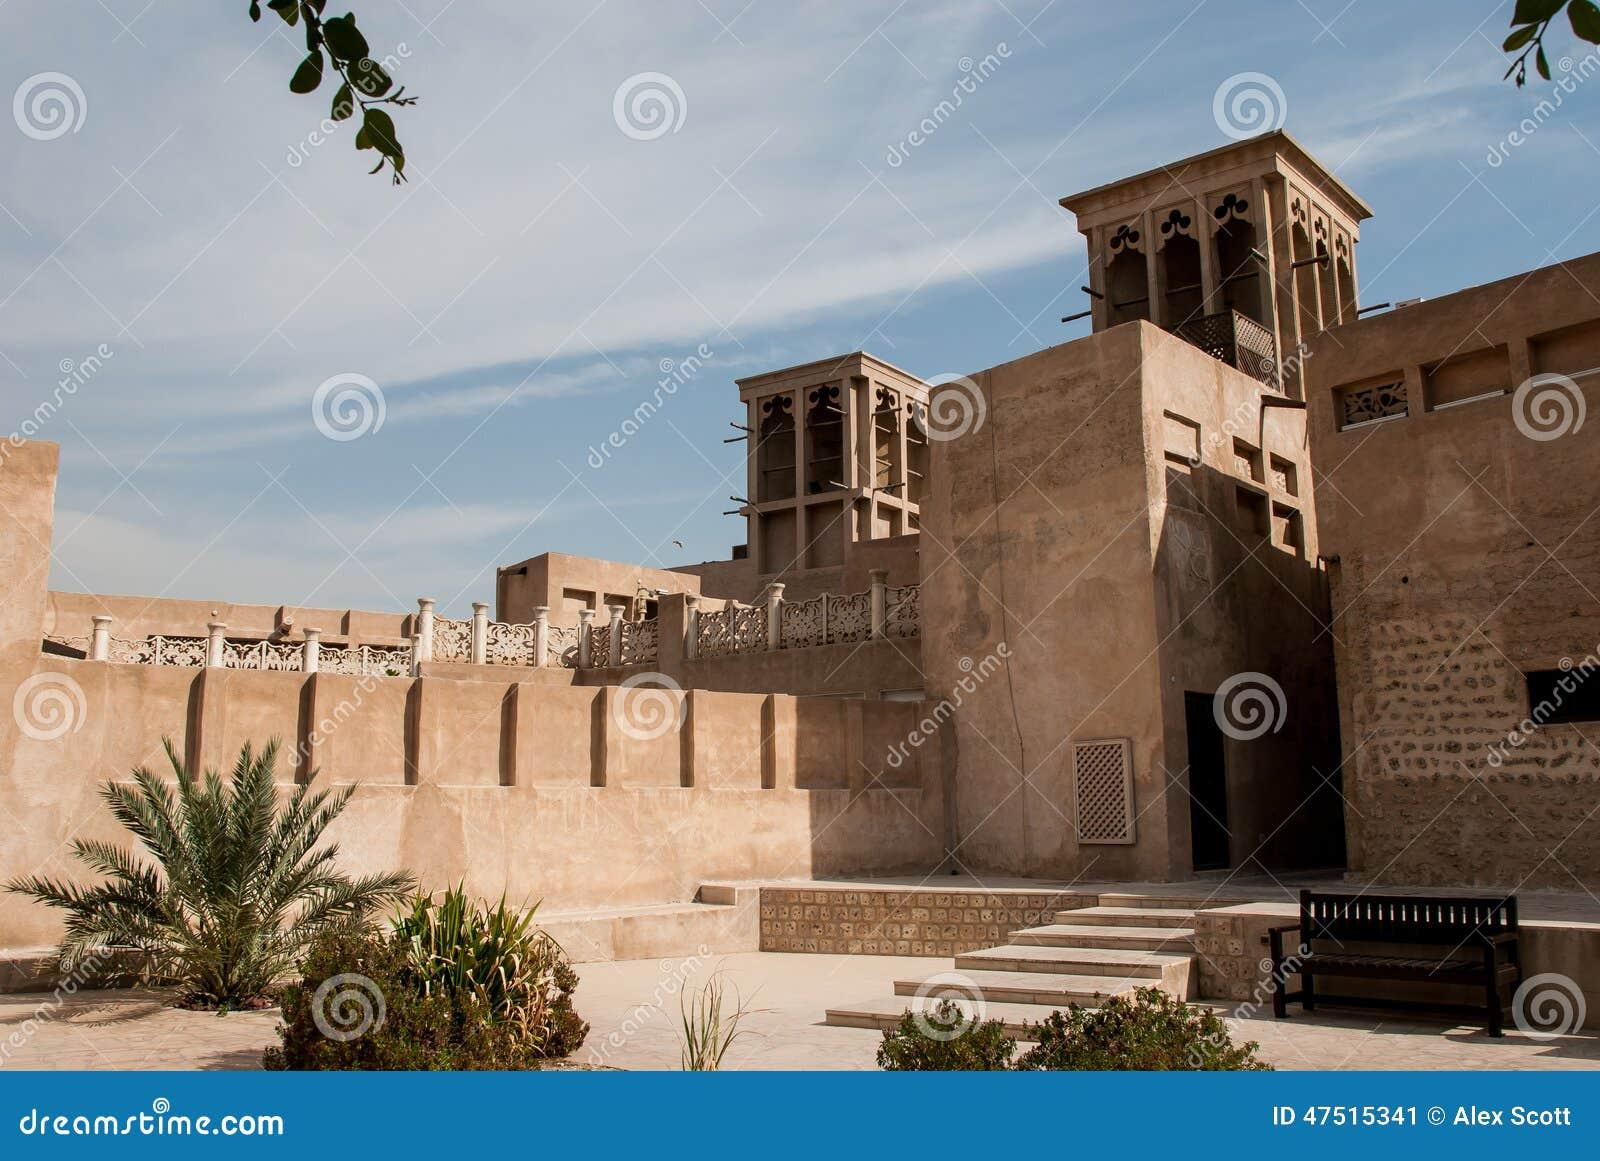 Case arabe tradizionali immagine stock immagine di for Case tradizionali